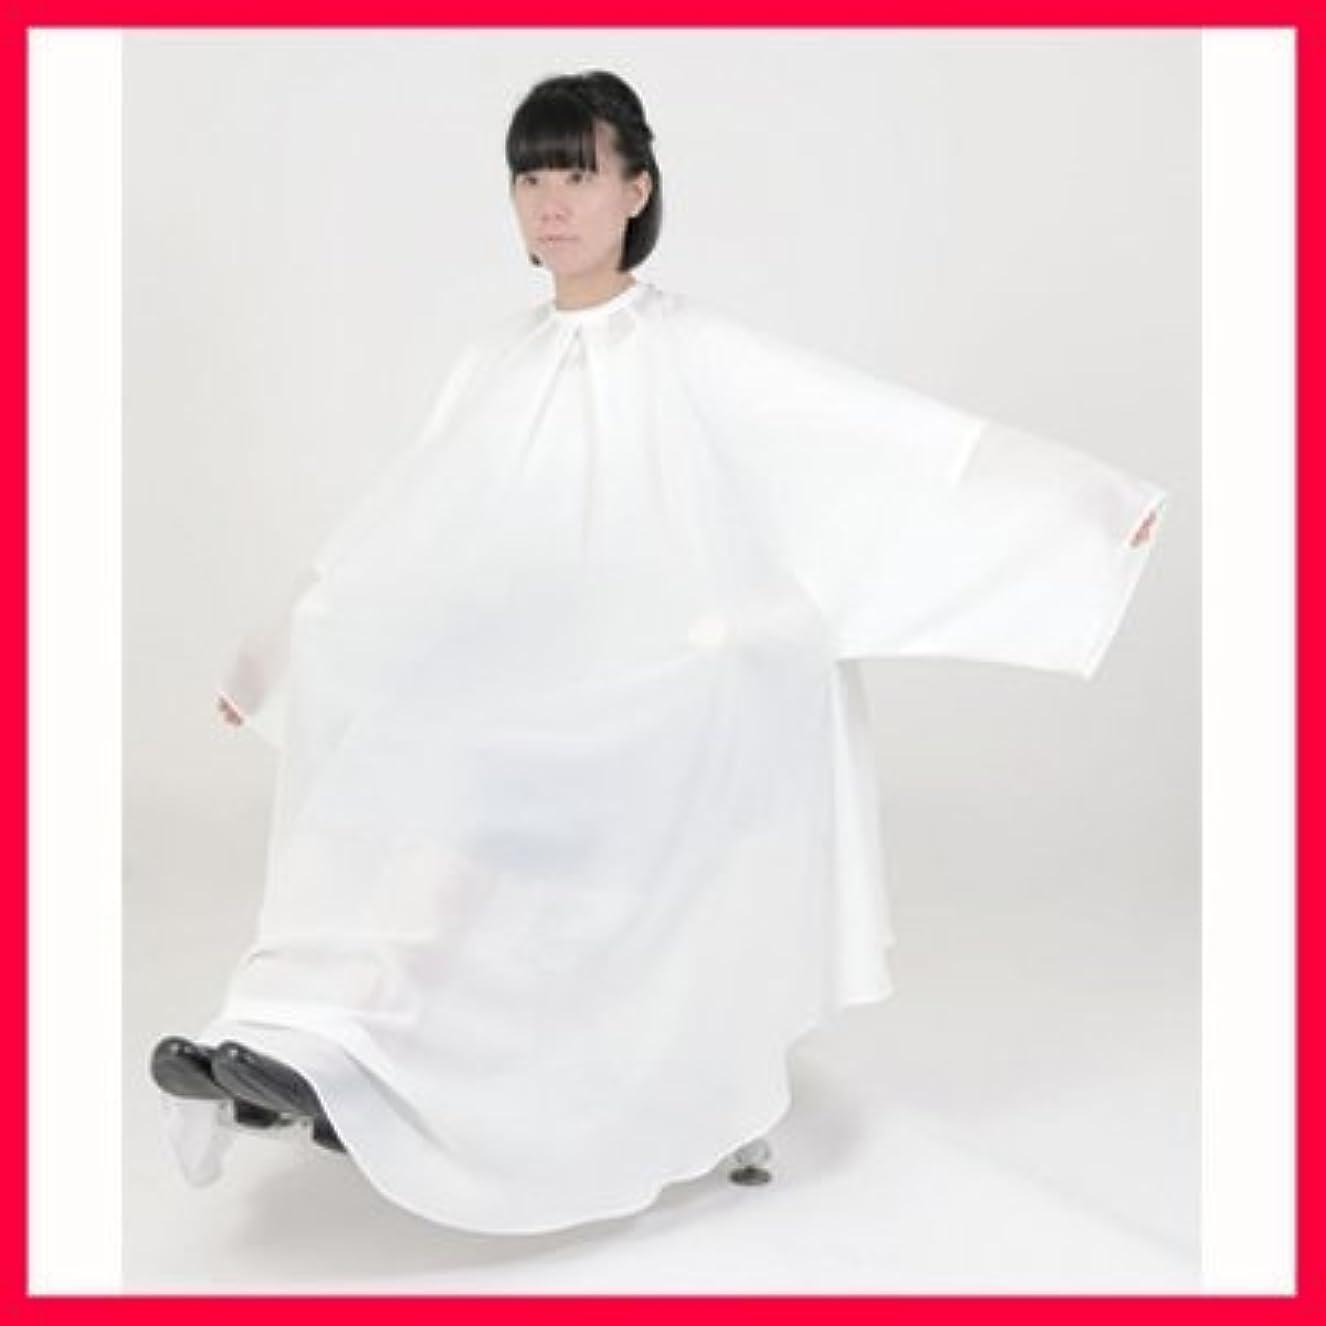 宣伝離れた身元エクセル 8112 ビッグドレス(カット)ホワイト